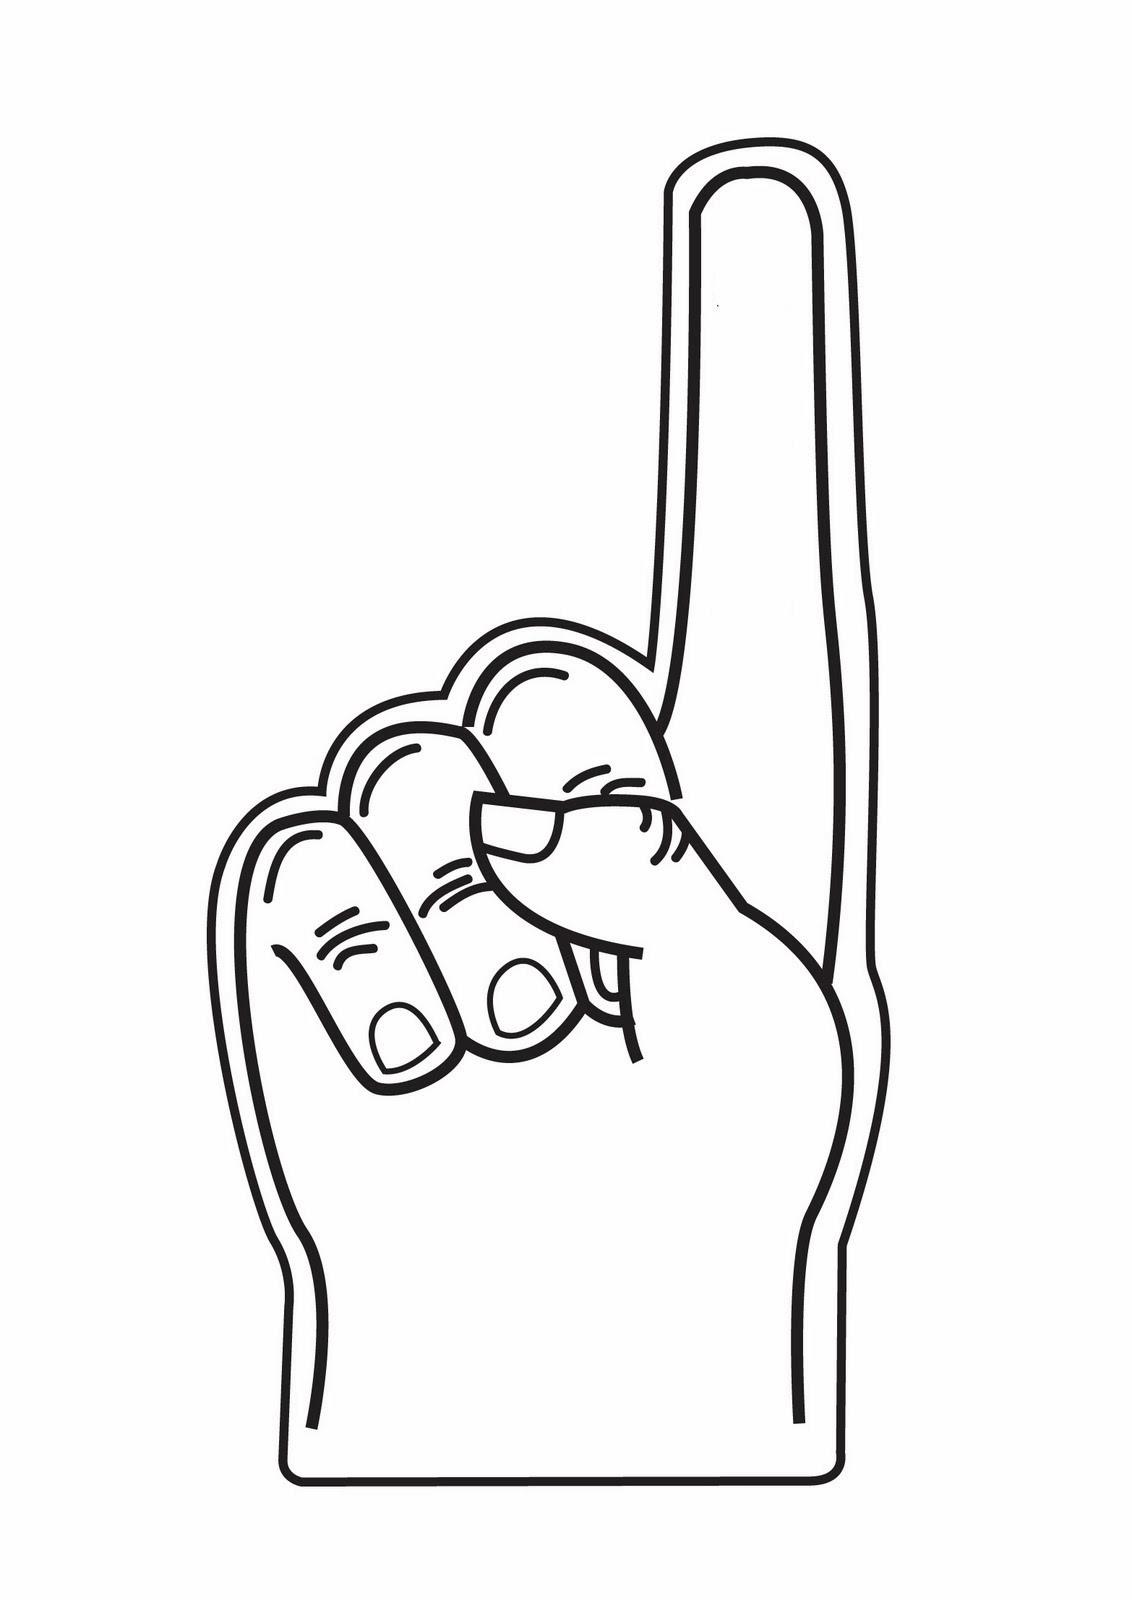 1132x1600 Foam Finger Clip Art Clipart